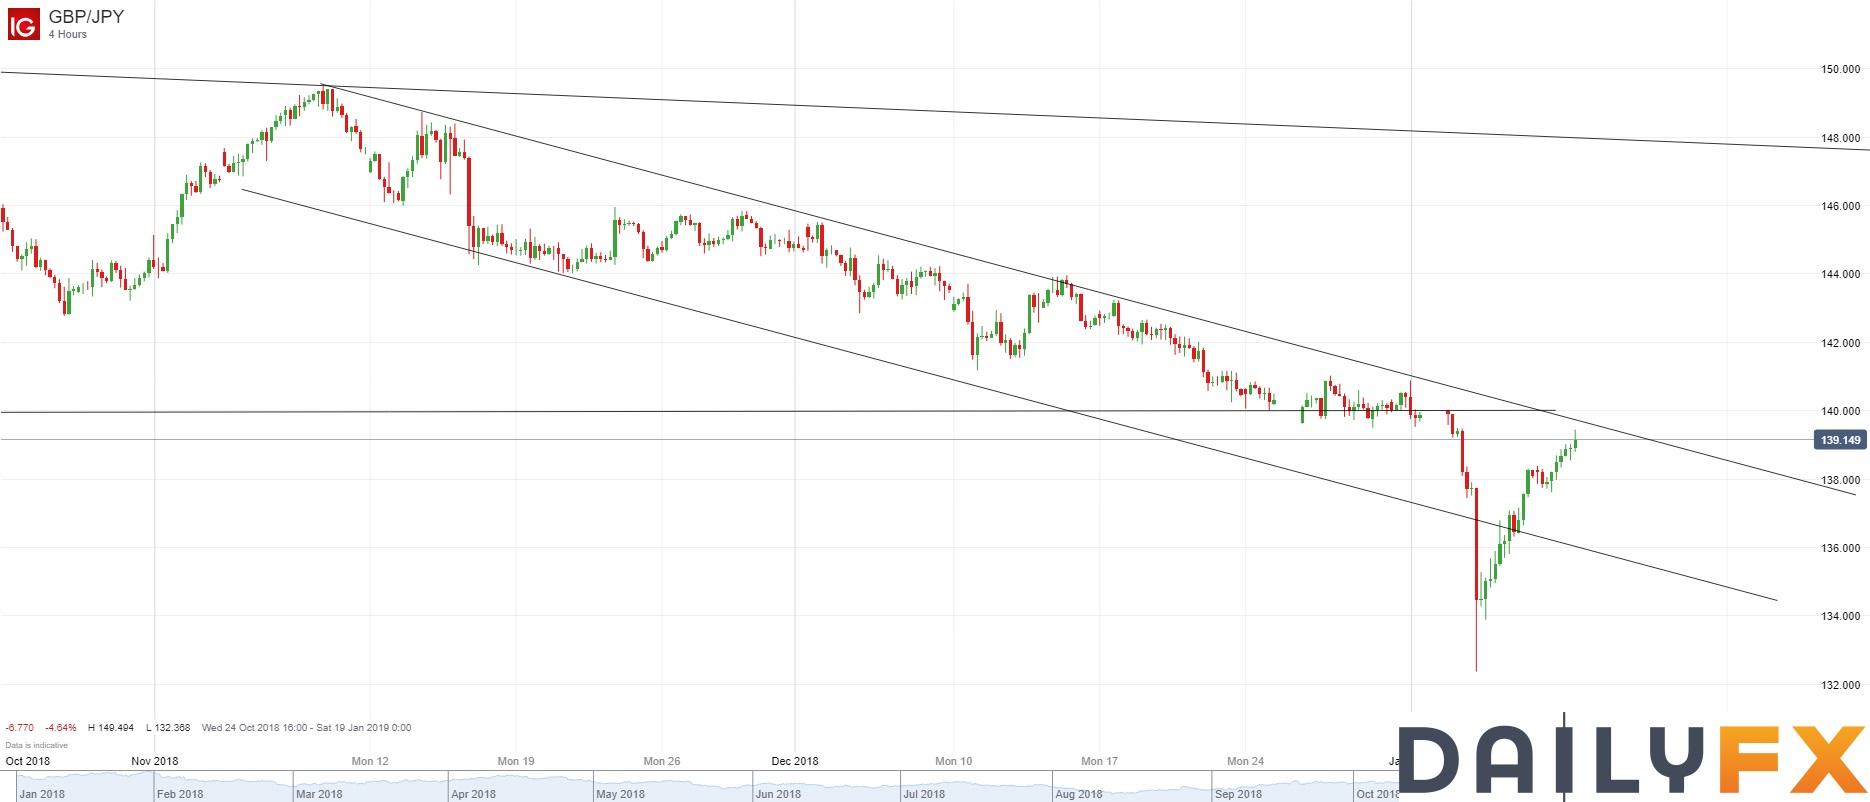 英镑/日元技术分析:进一步接近4小时图通道上轨